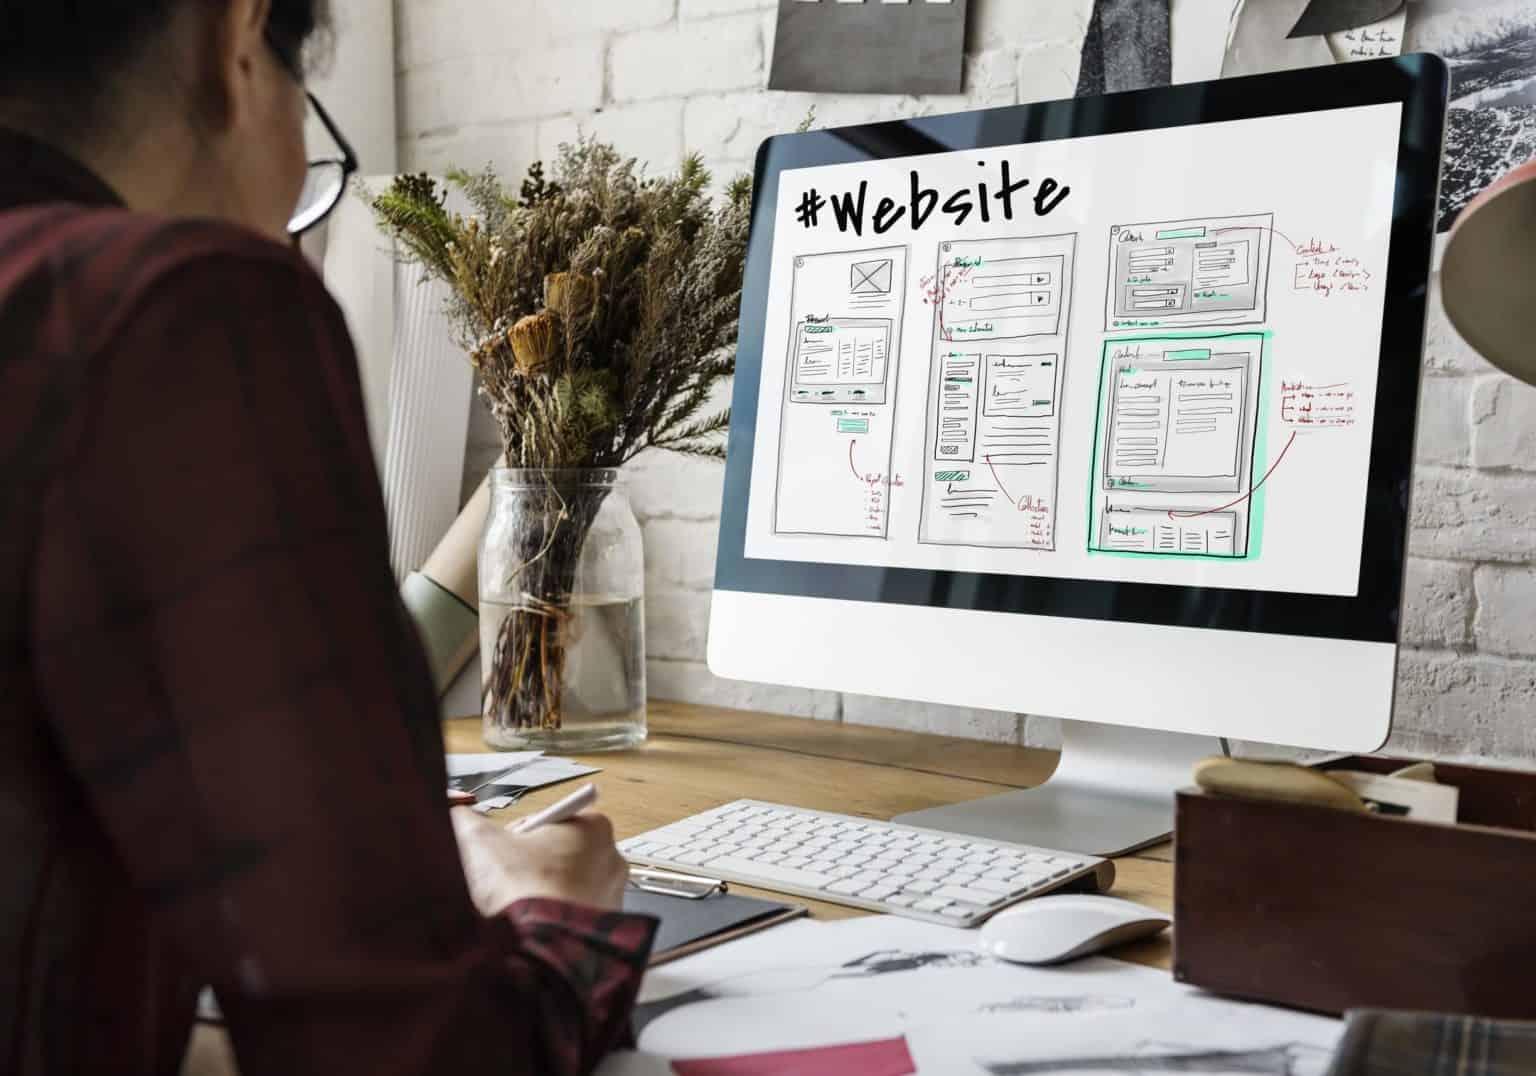 Website selber erstellen oder machen lassen